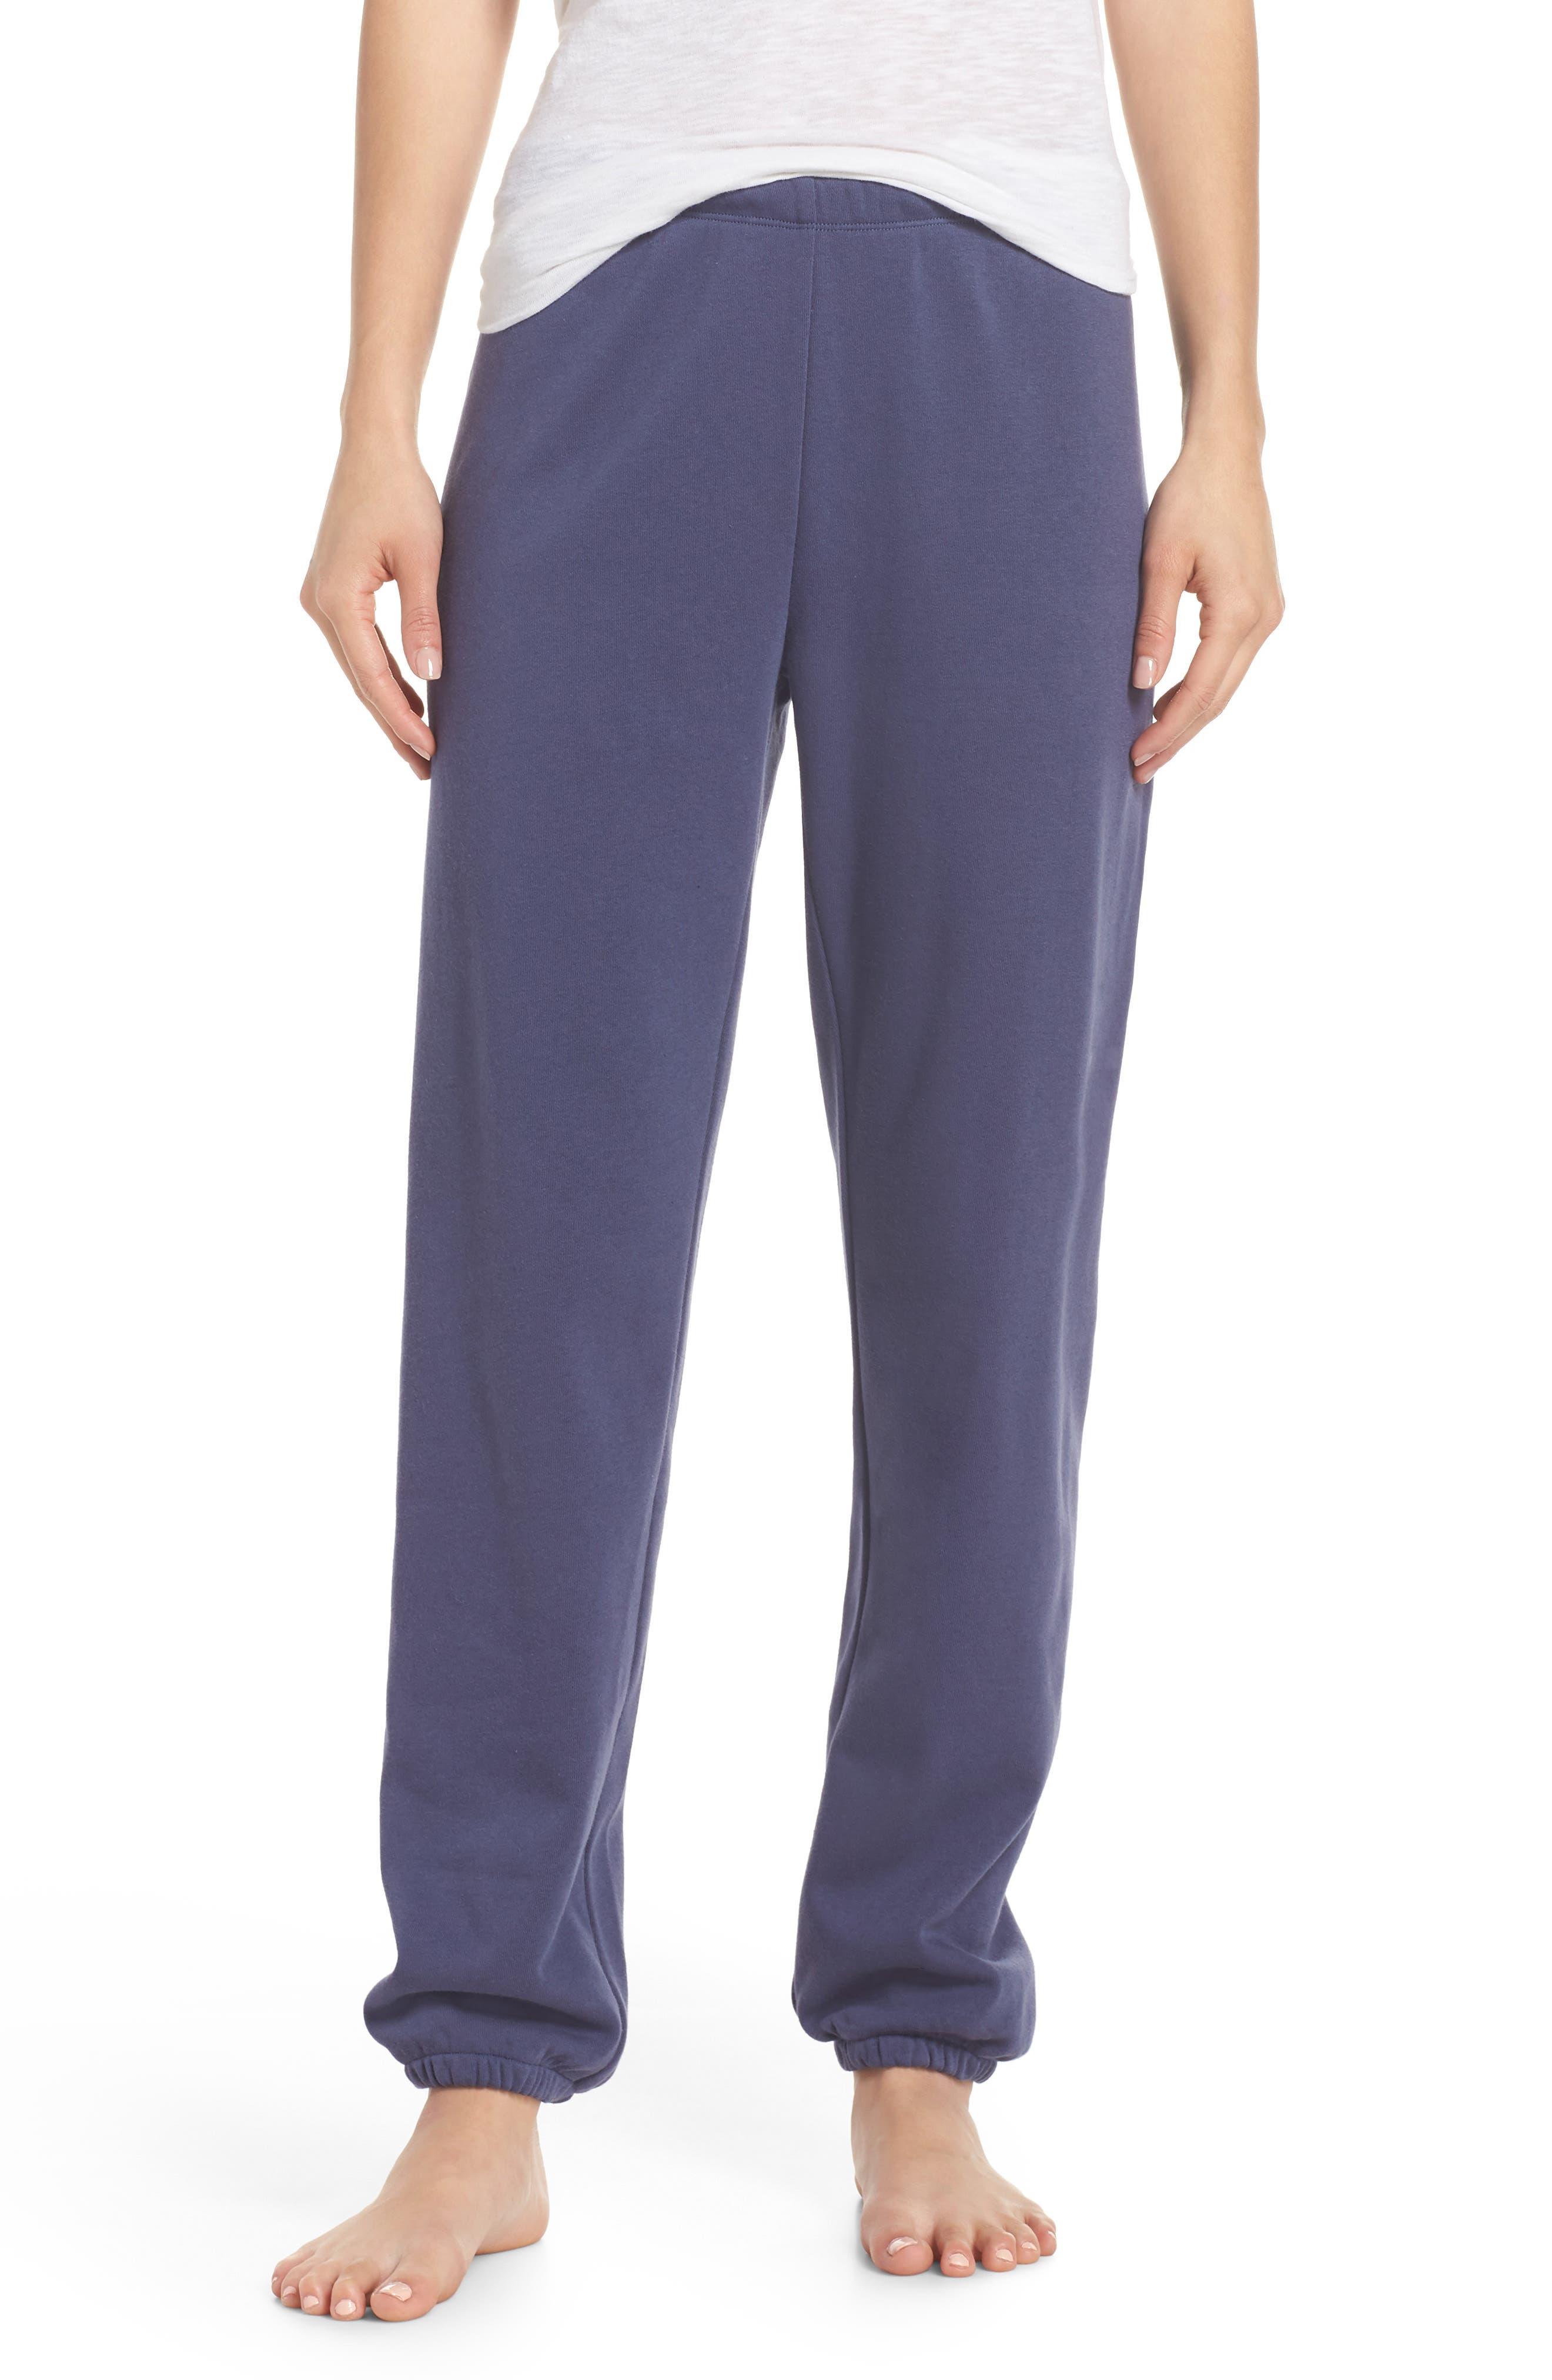 Sleepy High Rise Lounge Jogger Pants,                         Main,                         color, Blue Indigo